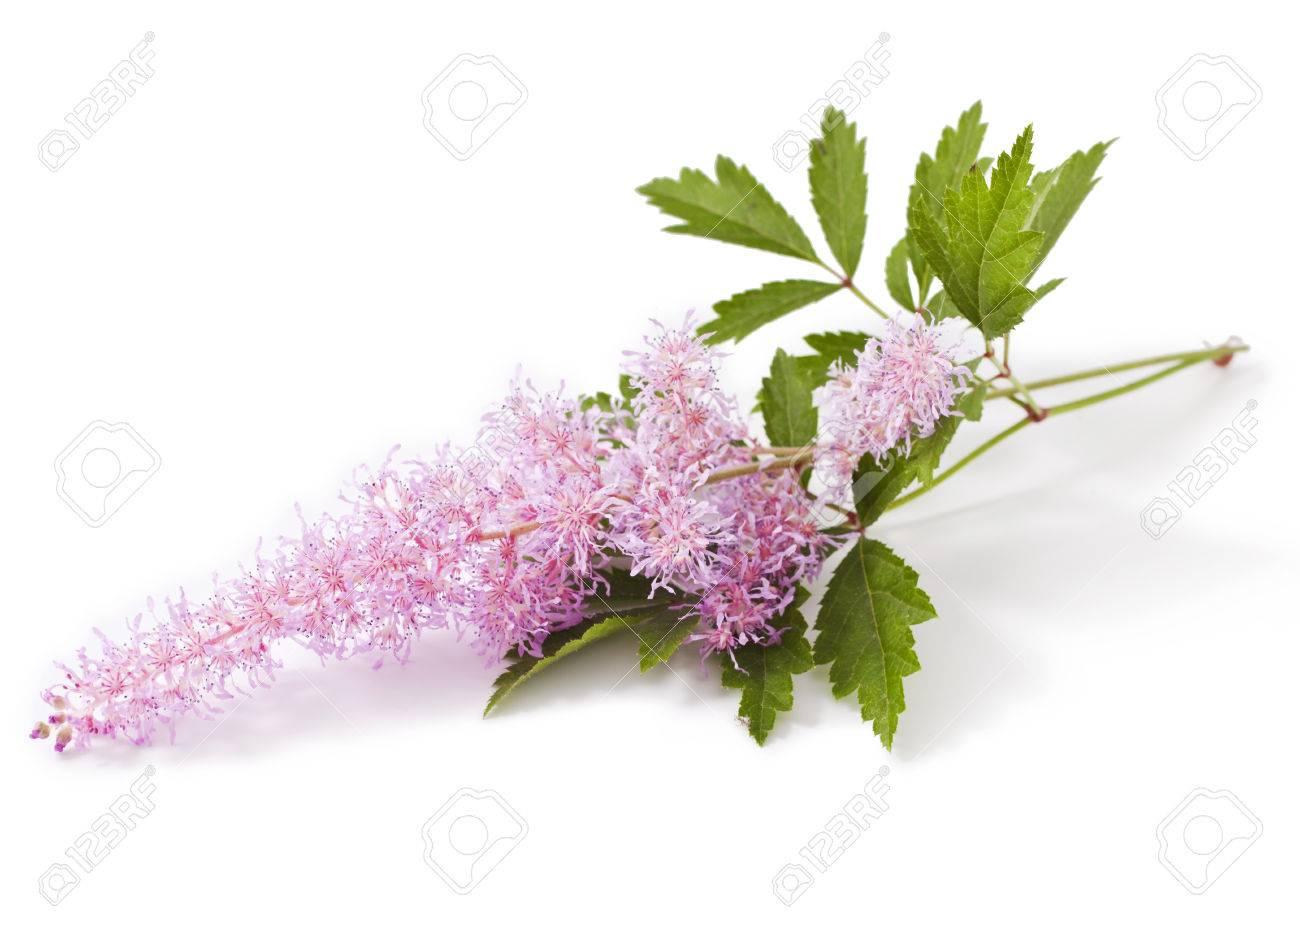 fleur rose astilbe isolé sur fond blanc banque d'images et photos